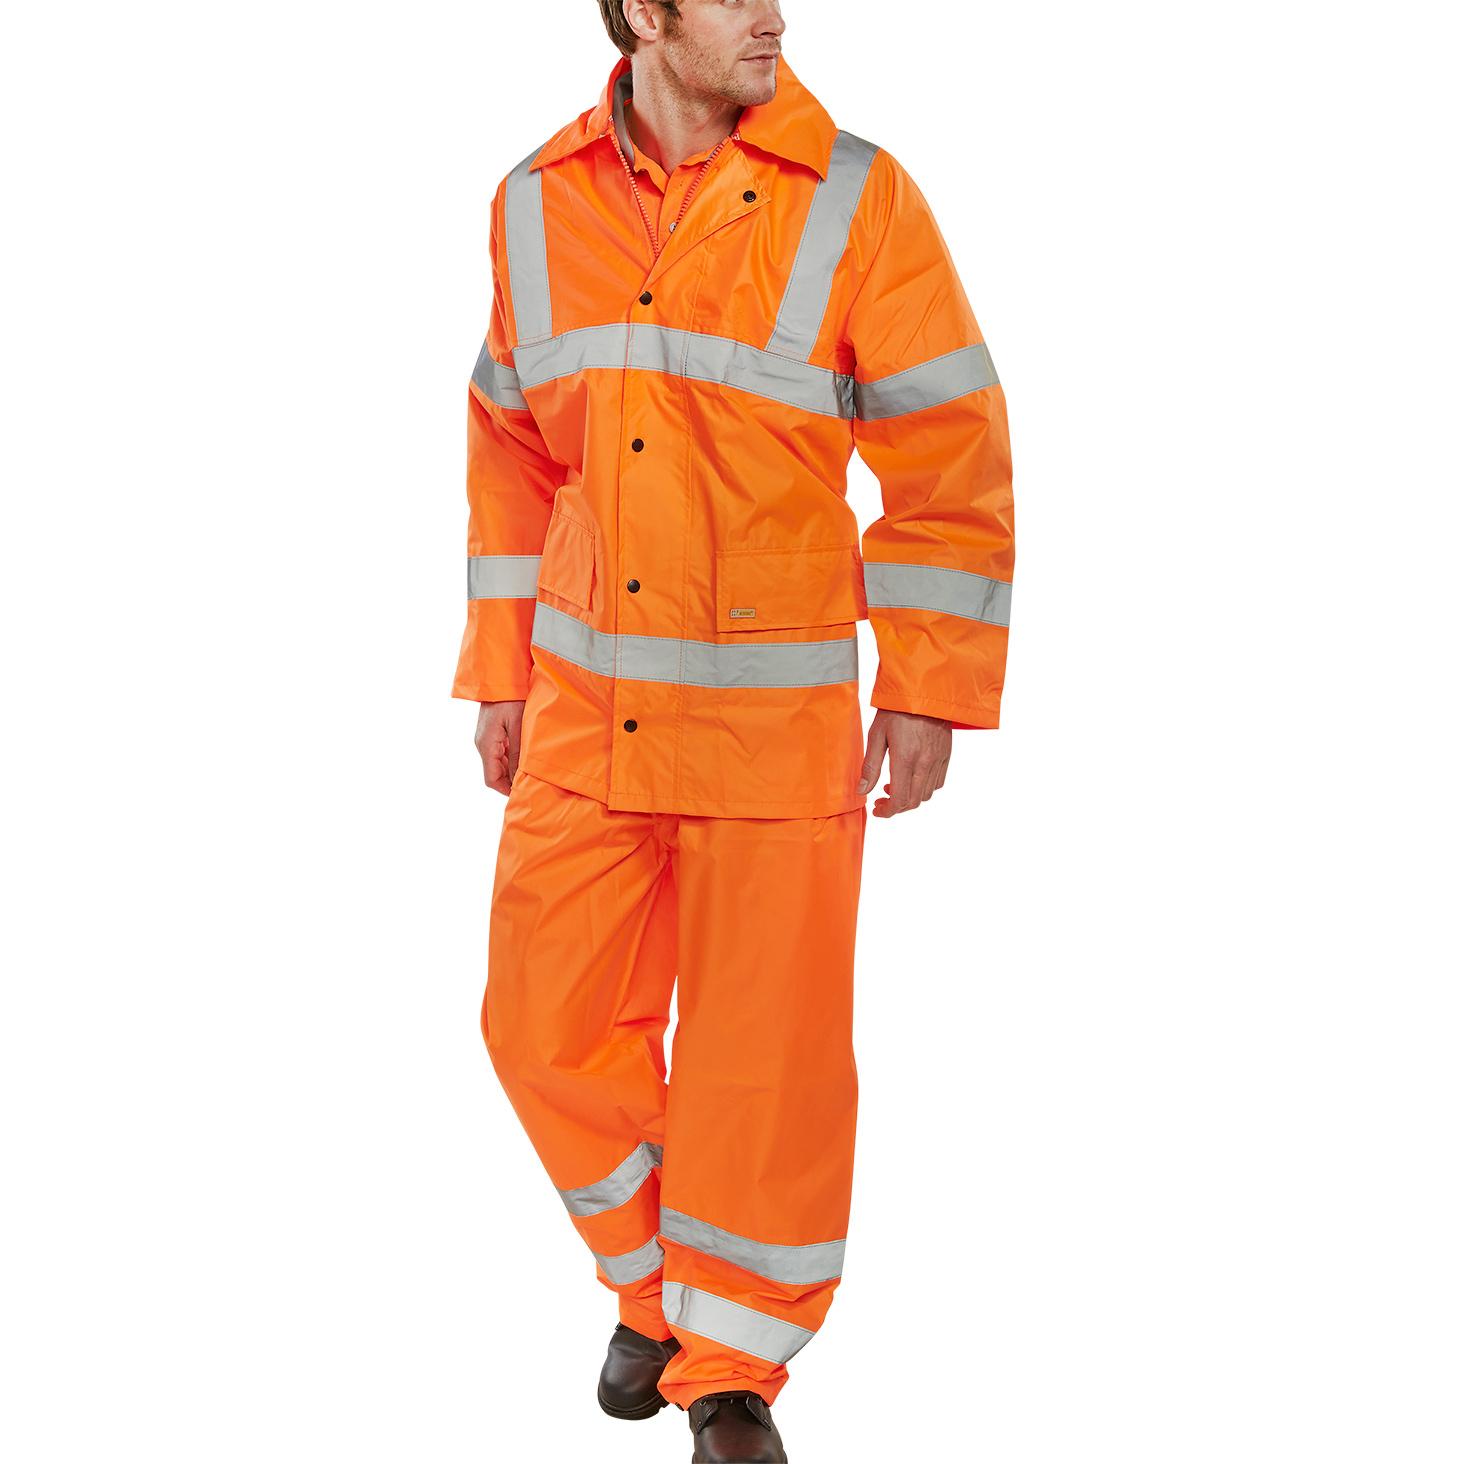 Bodywarmers BSeen Hi-Vis L/Wt Suit Jkt/Trs EN ISO 20471 EN 343 XL Orange Ref TS8ORXL *Up to 3 Day Leadtime*